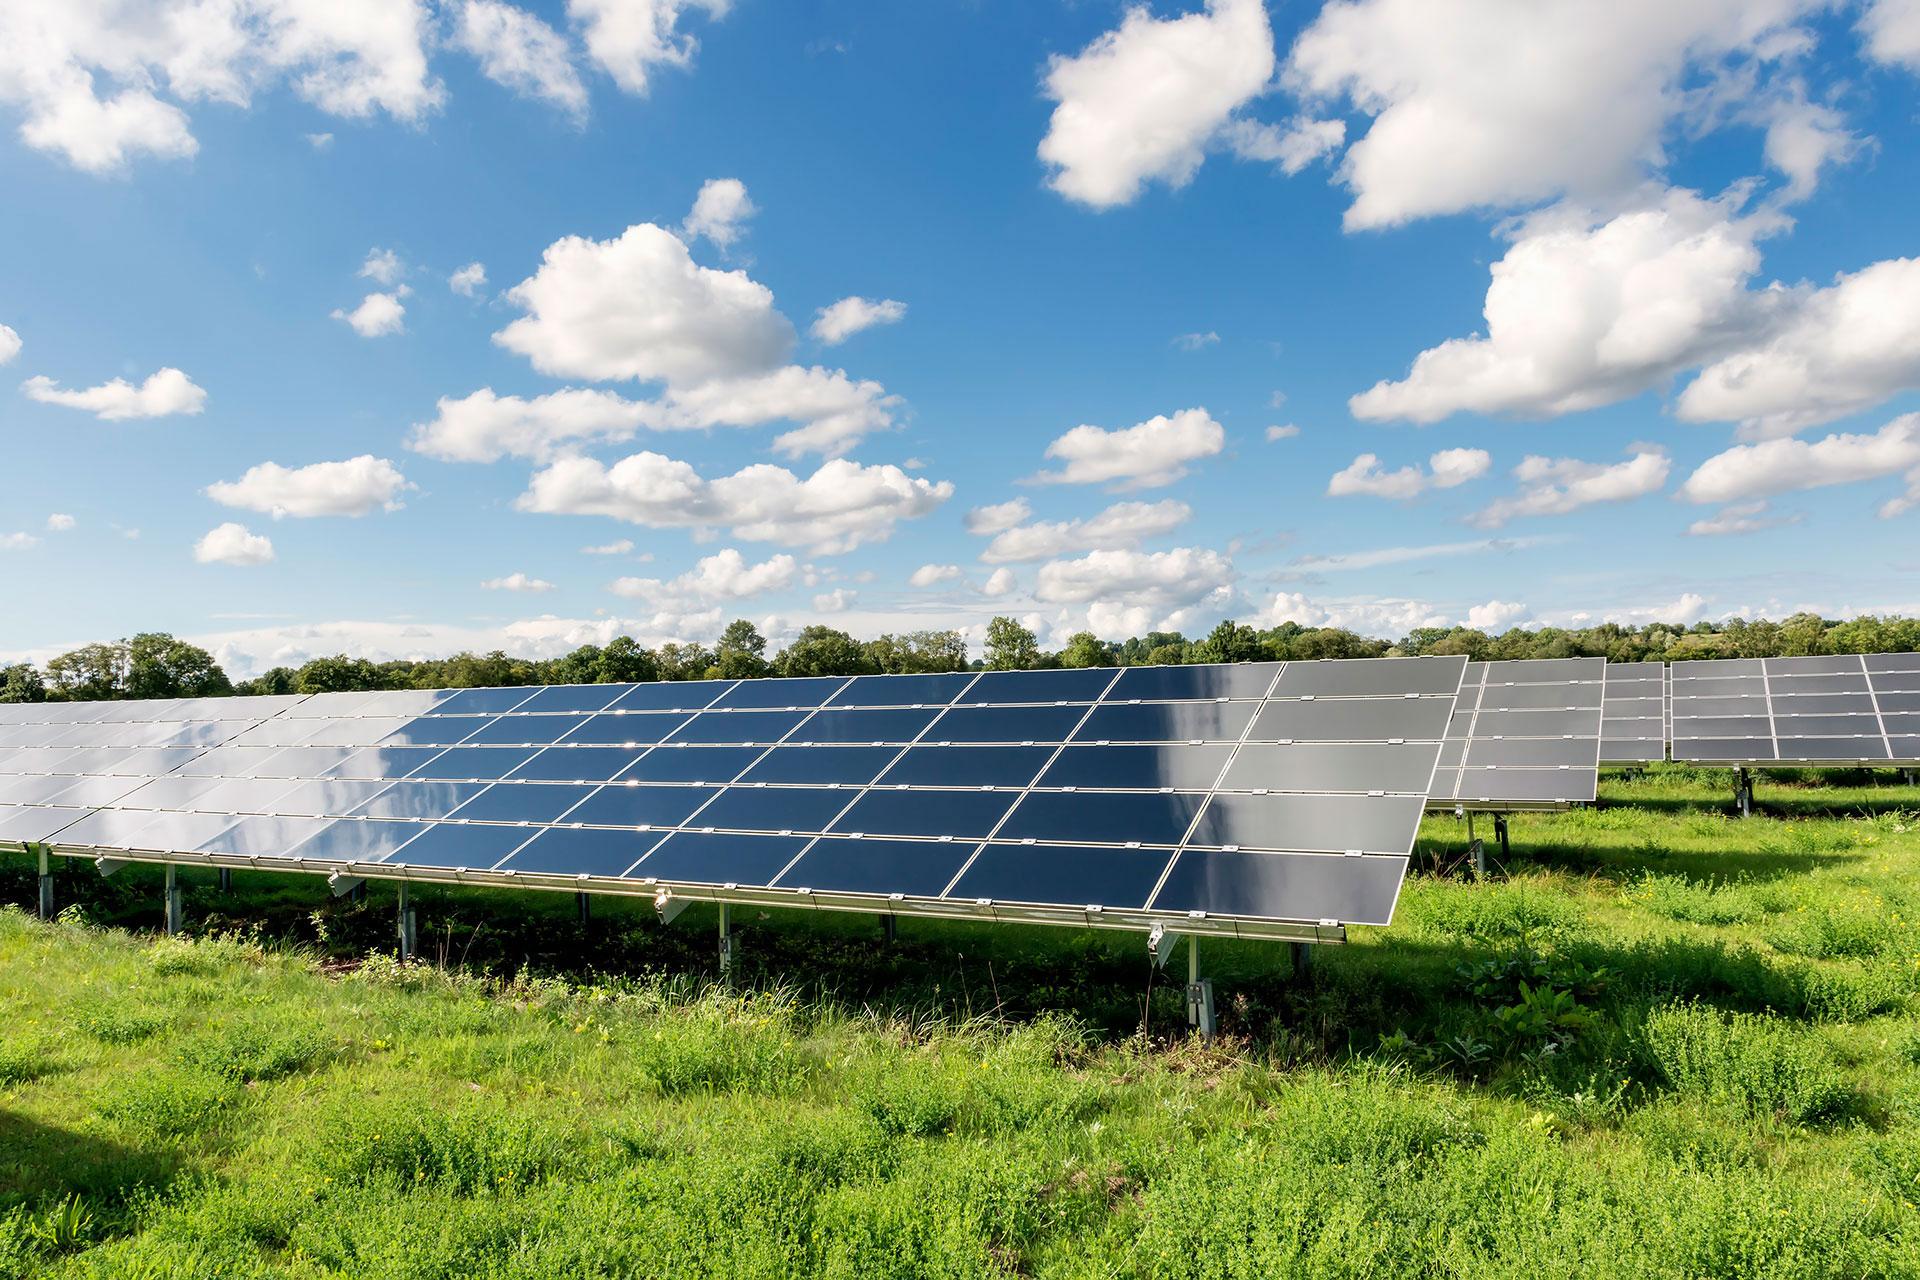 太陽光発電投資 エコの輪クラウドファンディング